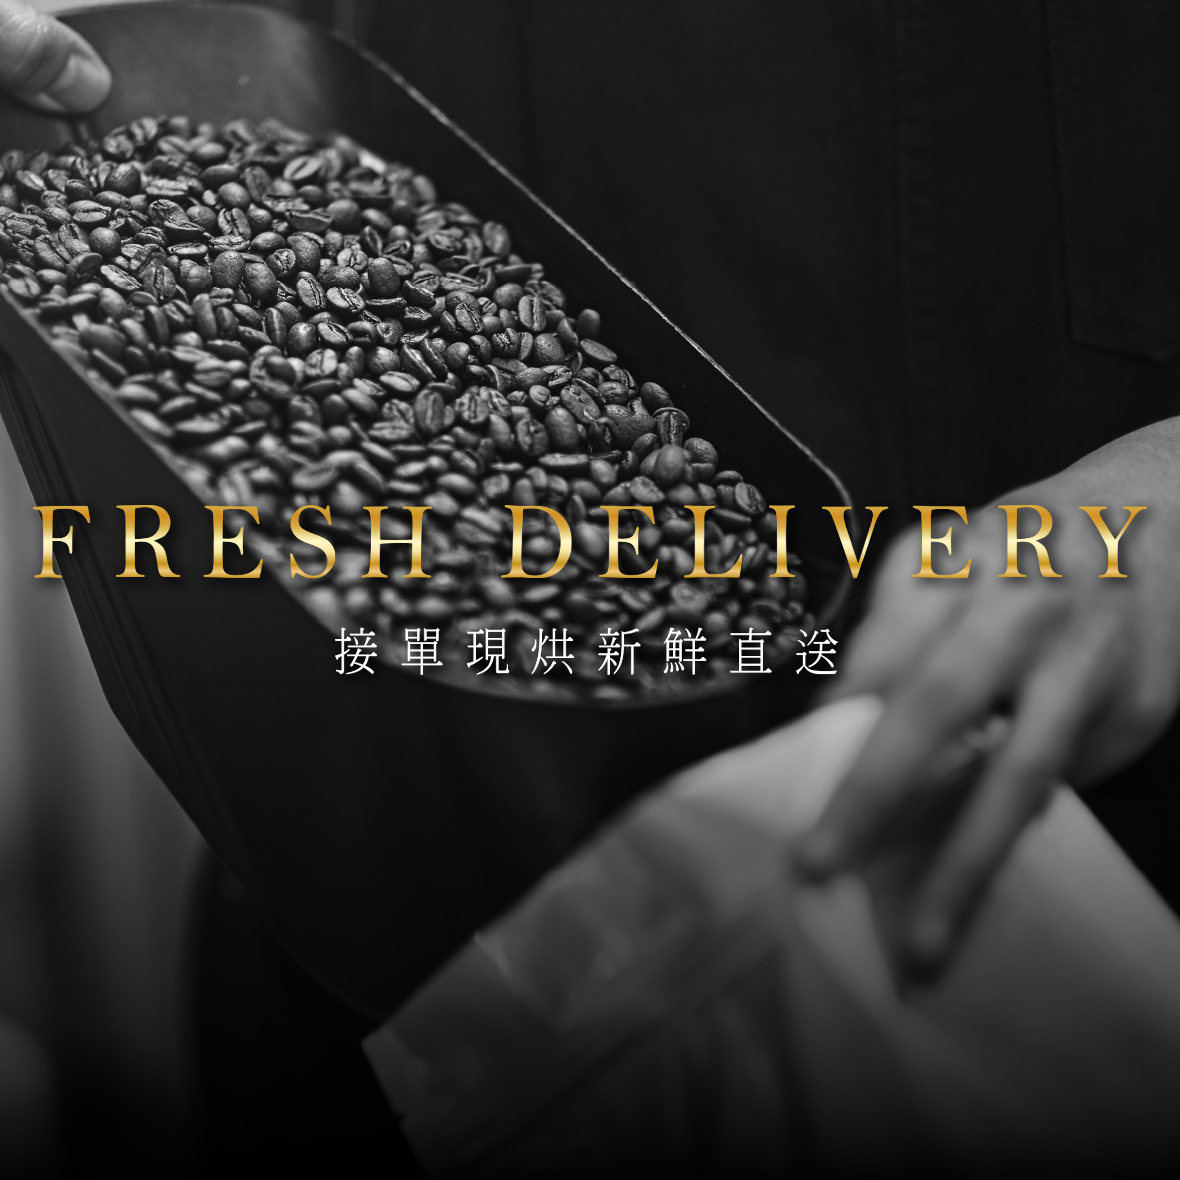 黑鑲金咖啡-多明尼加墨翠咖啡豆